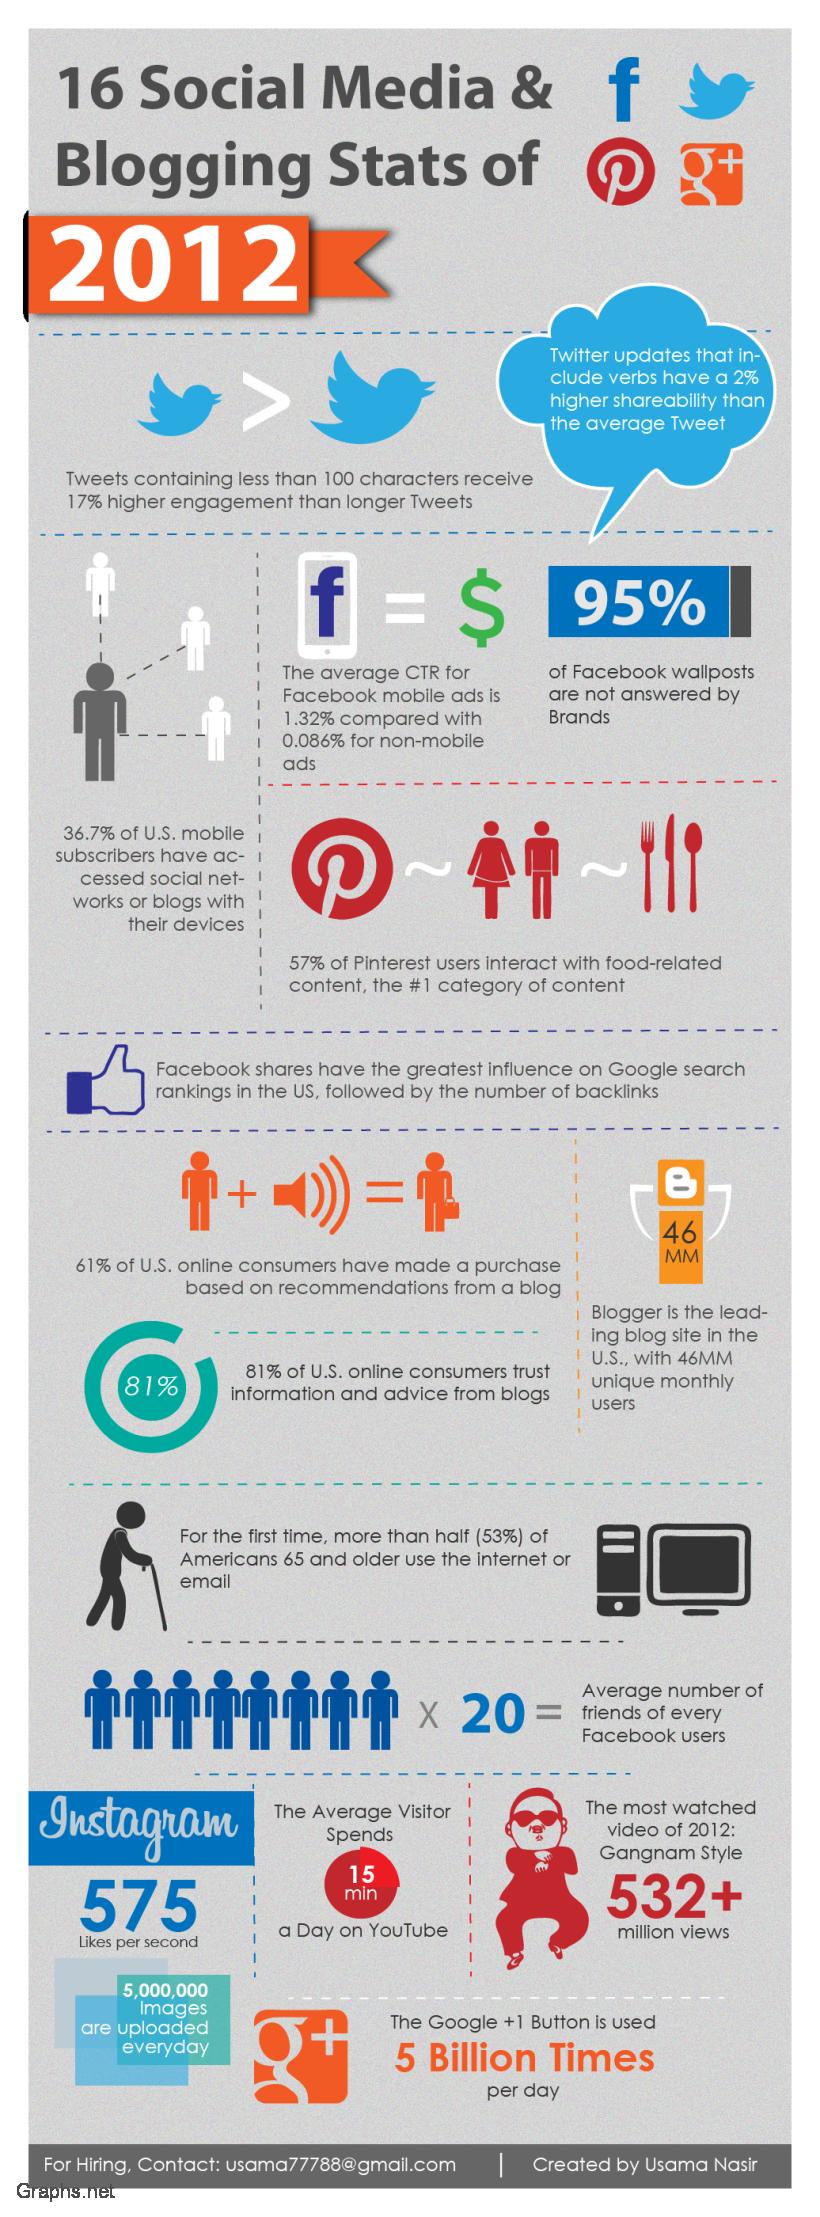 Top 16 Social Media Stats of 2012